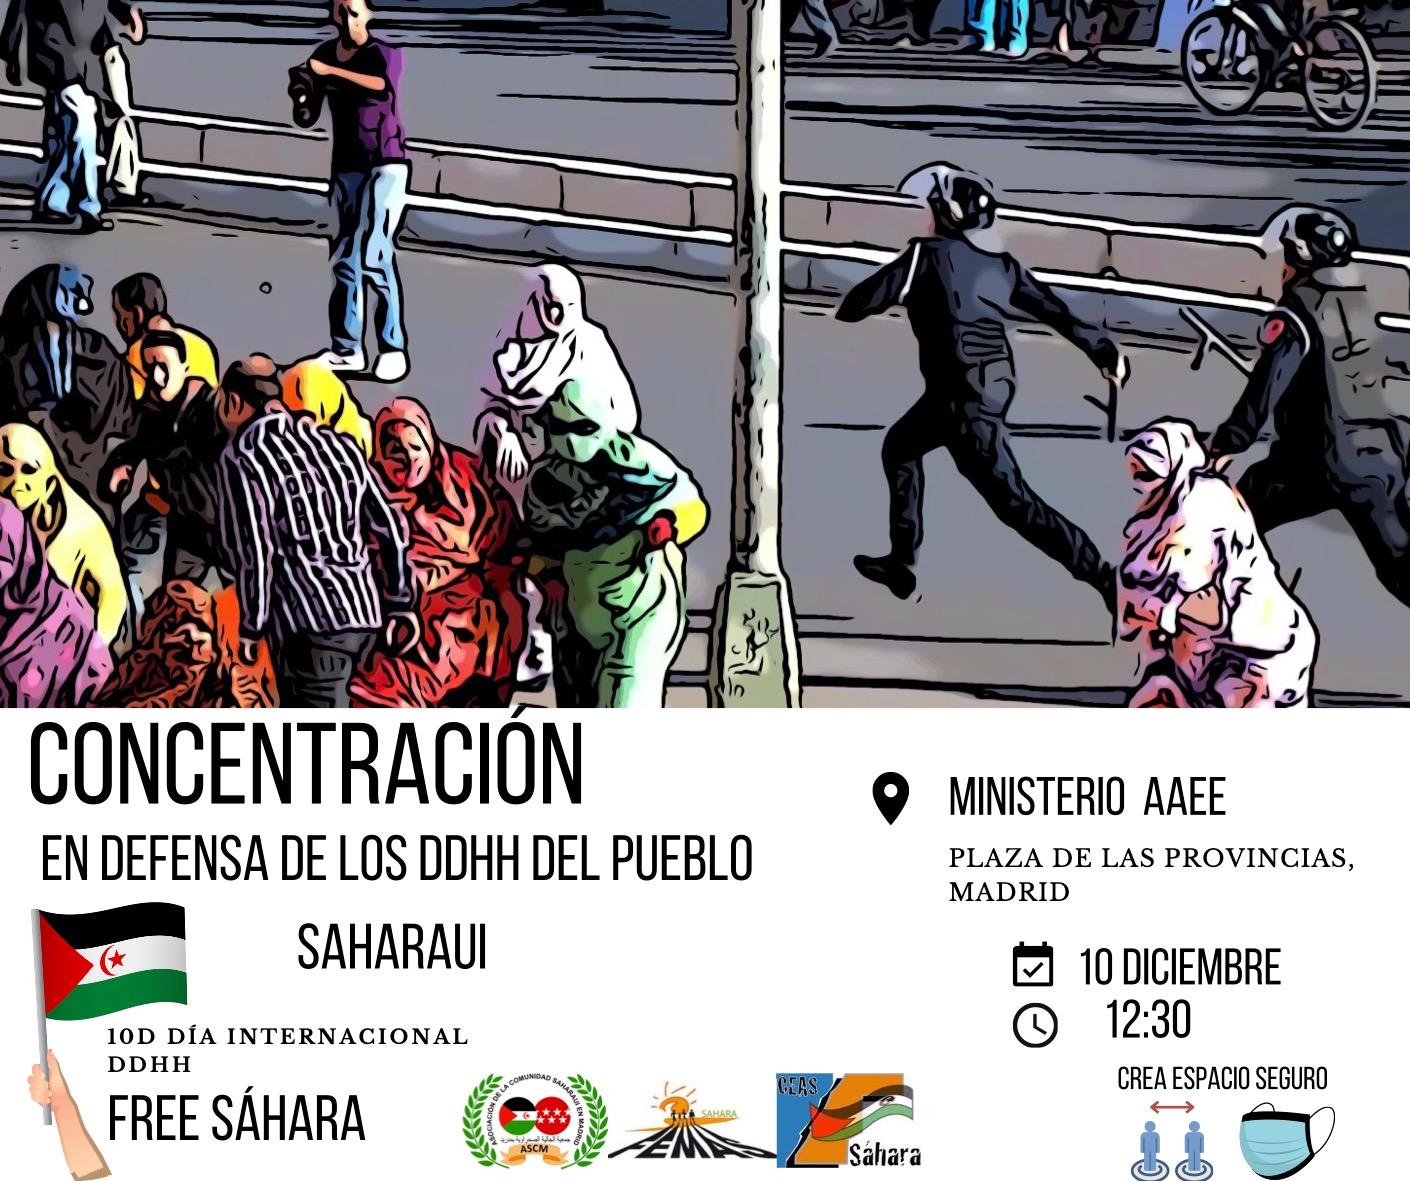 Convocan manifestación para exigir el respeto a los DDHH del pueblo saharaui